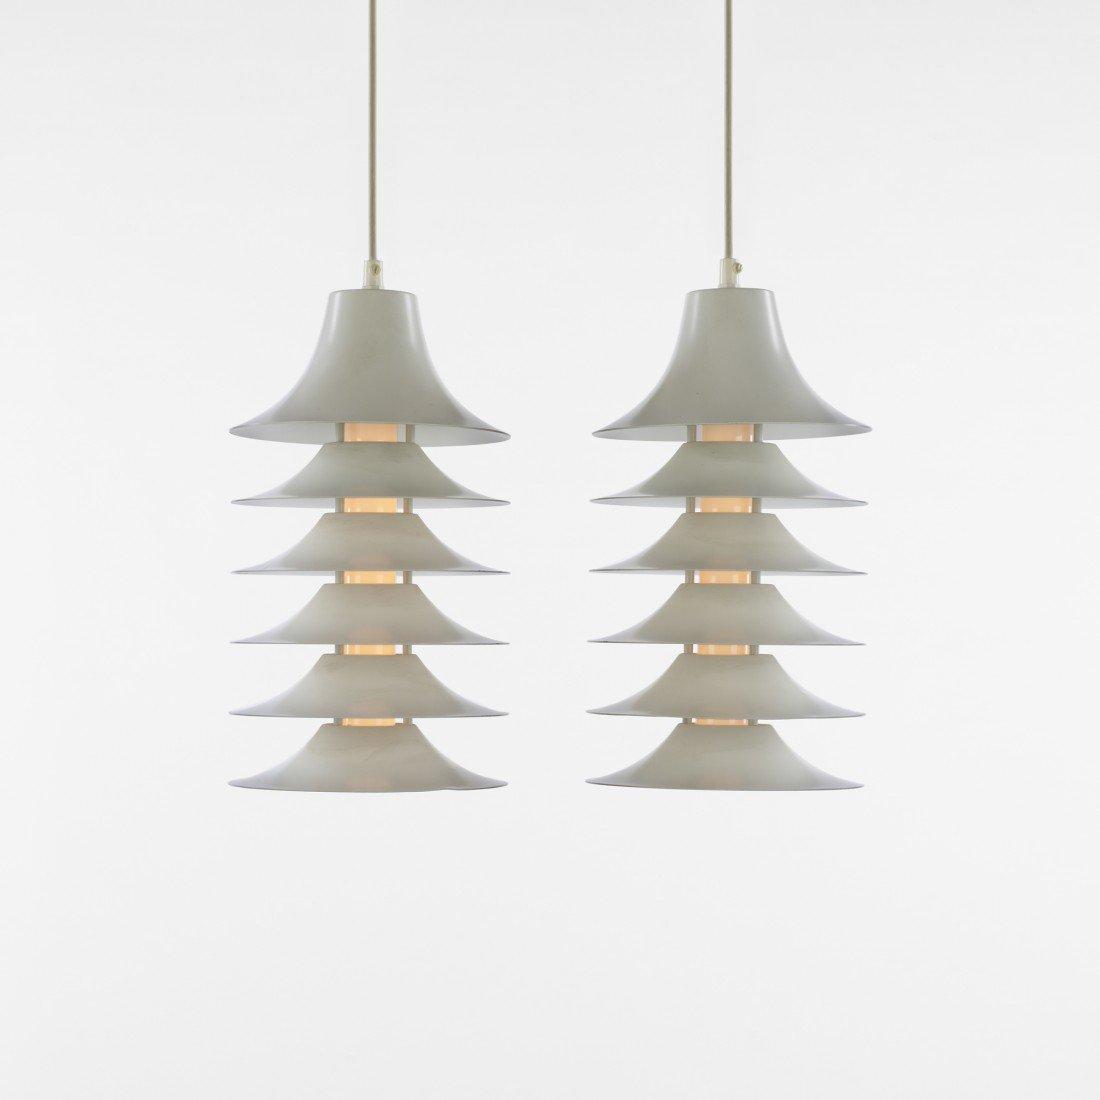 227: Jørgen Gammelgaard Tip-Top lamps, pair